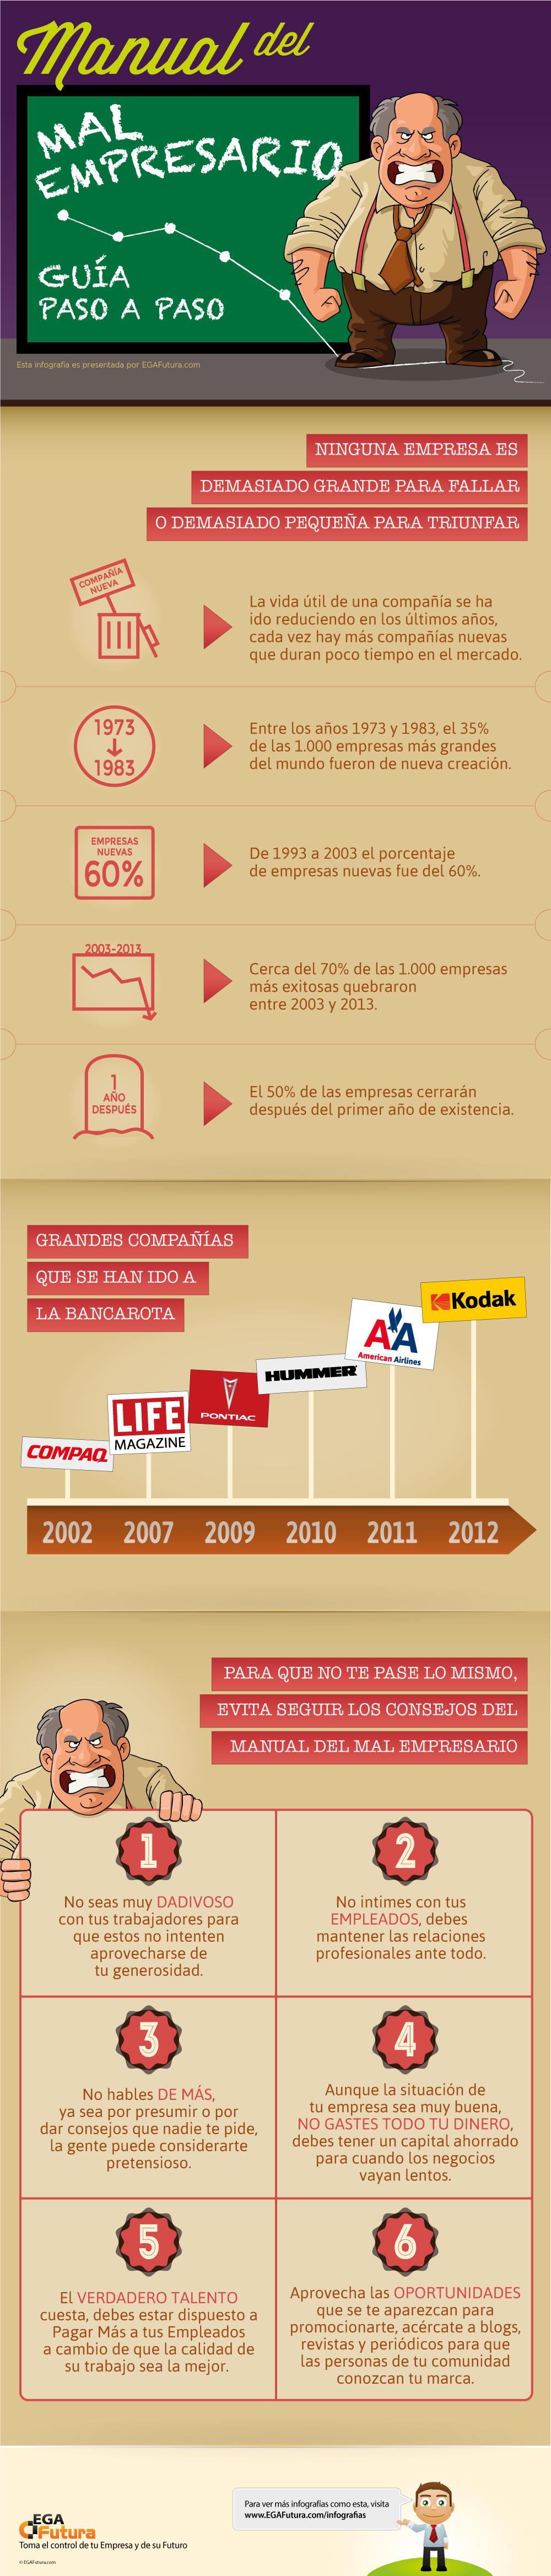 Infografía: Manual del Mal Empresario: Guía paso a paso